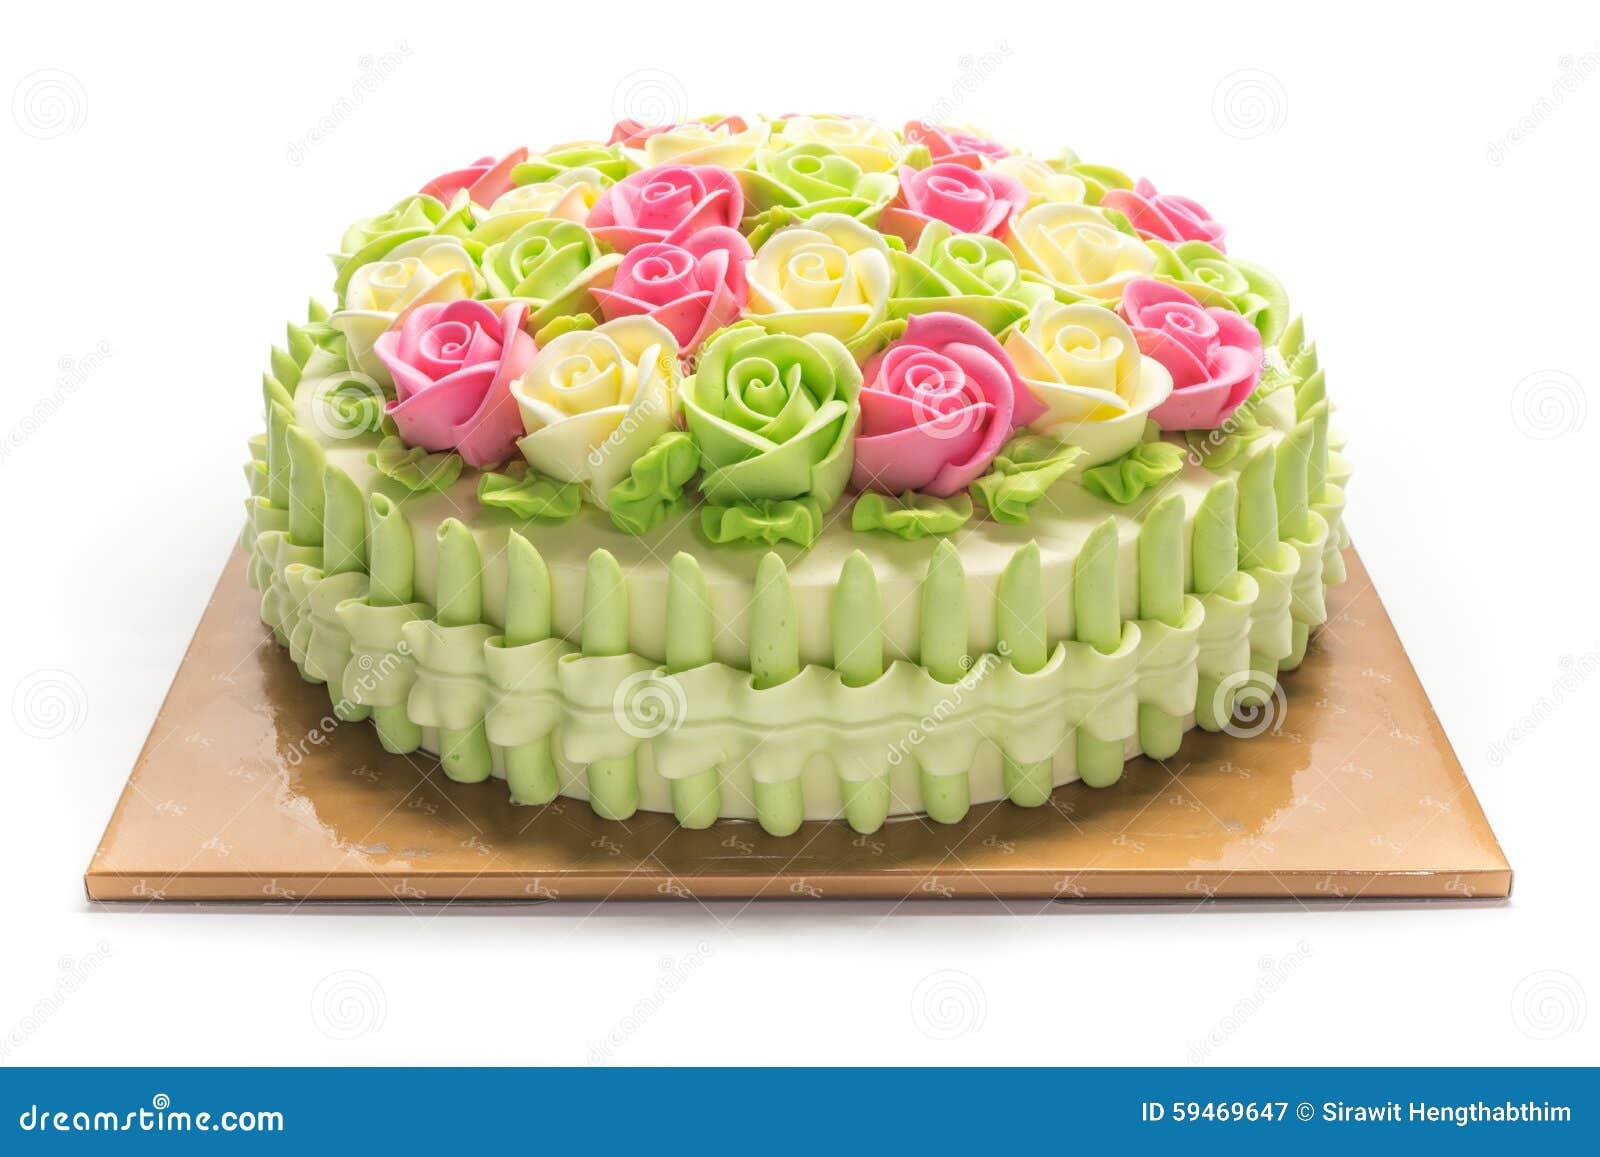 Birthday Cake Instrumental